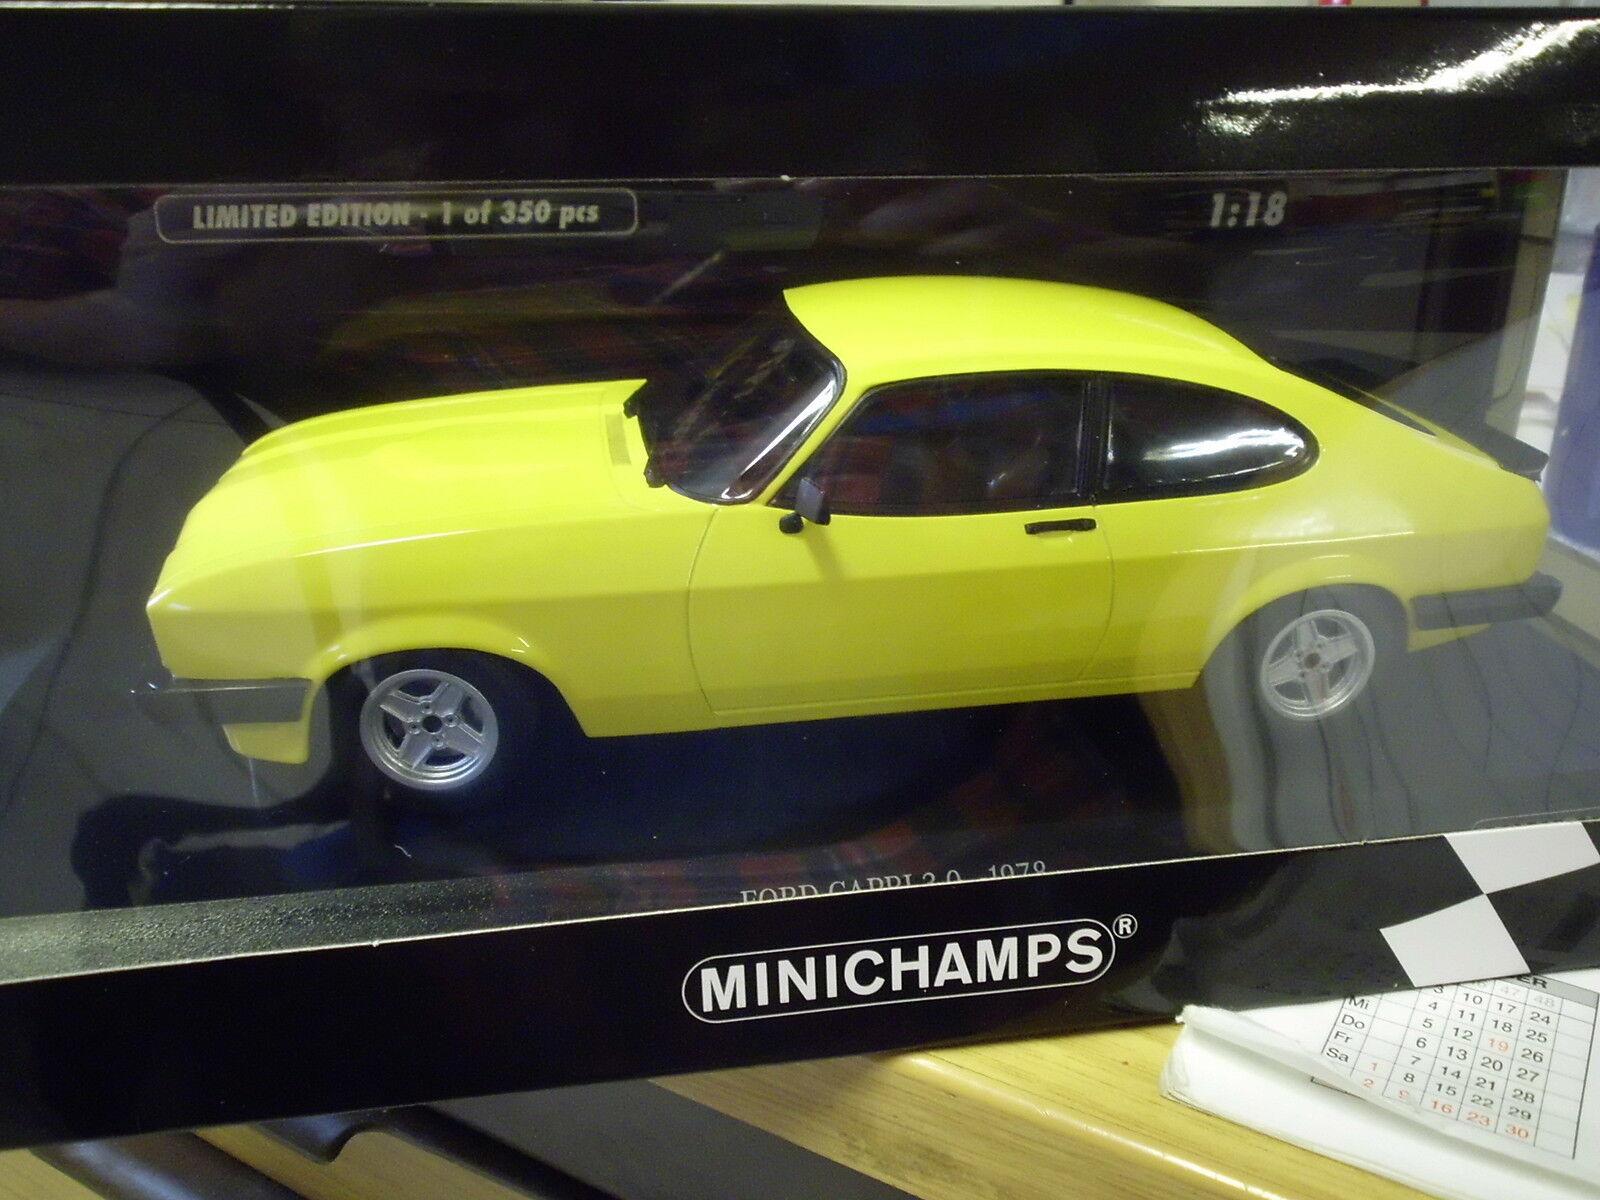 MINICHAMPS 155788601 1 18 Ford Capri 3.0 1978 Jaune Nouveau neuf dans sa boîte